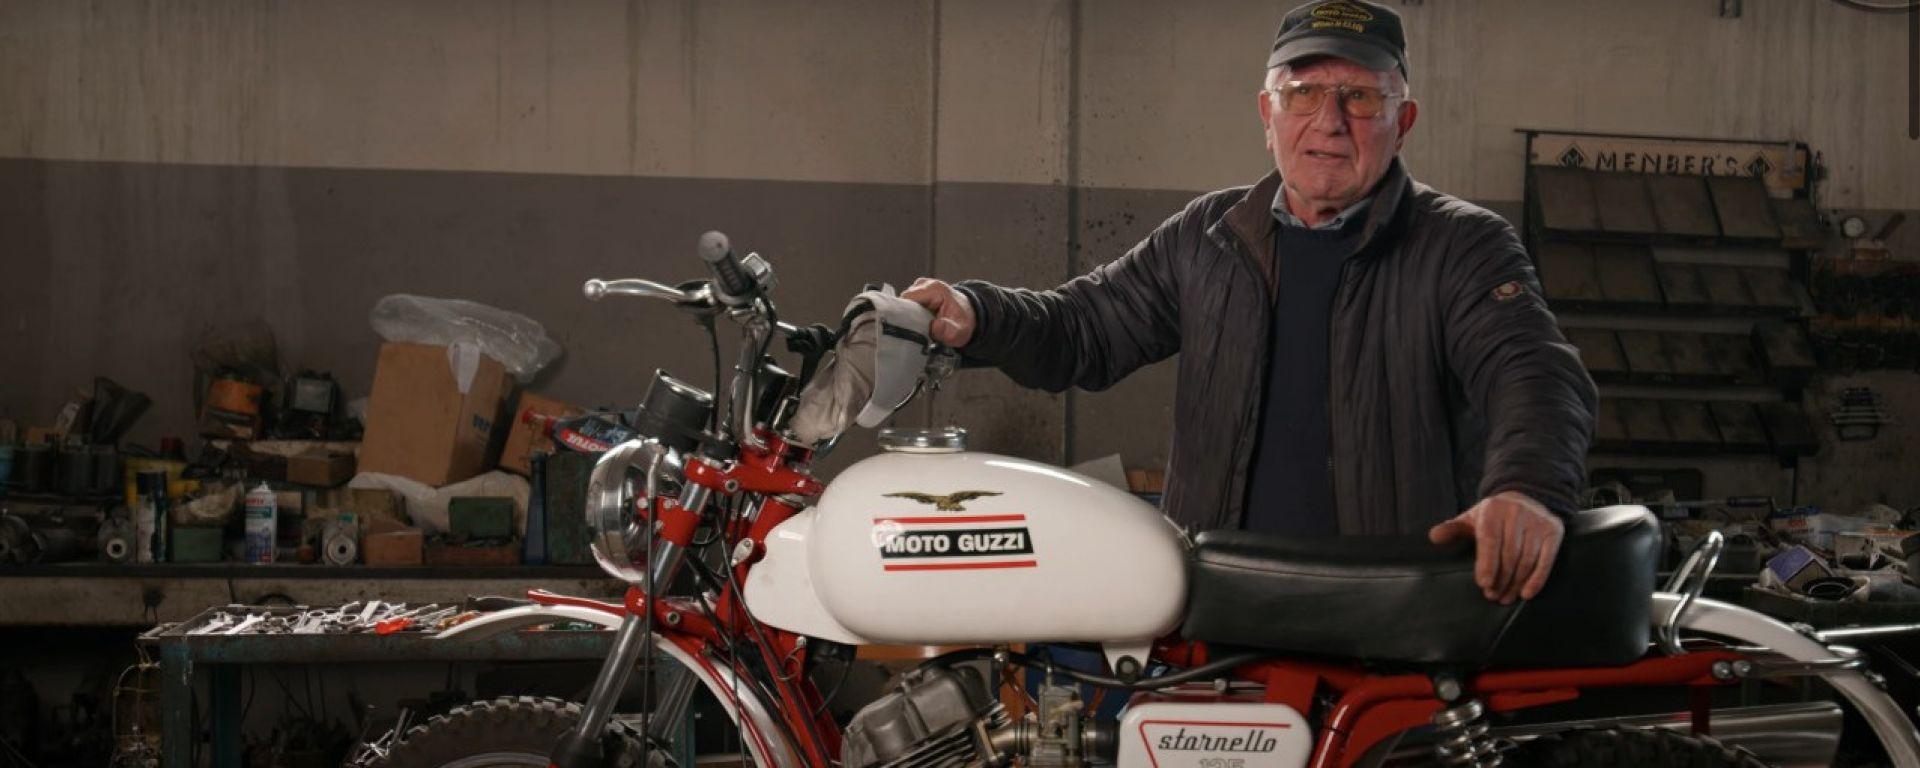 Moto Guzzi: per i 100 anni del marchio Mandello del Lario ha realizzato un documentario